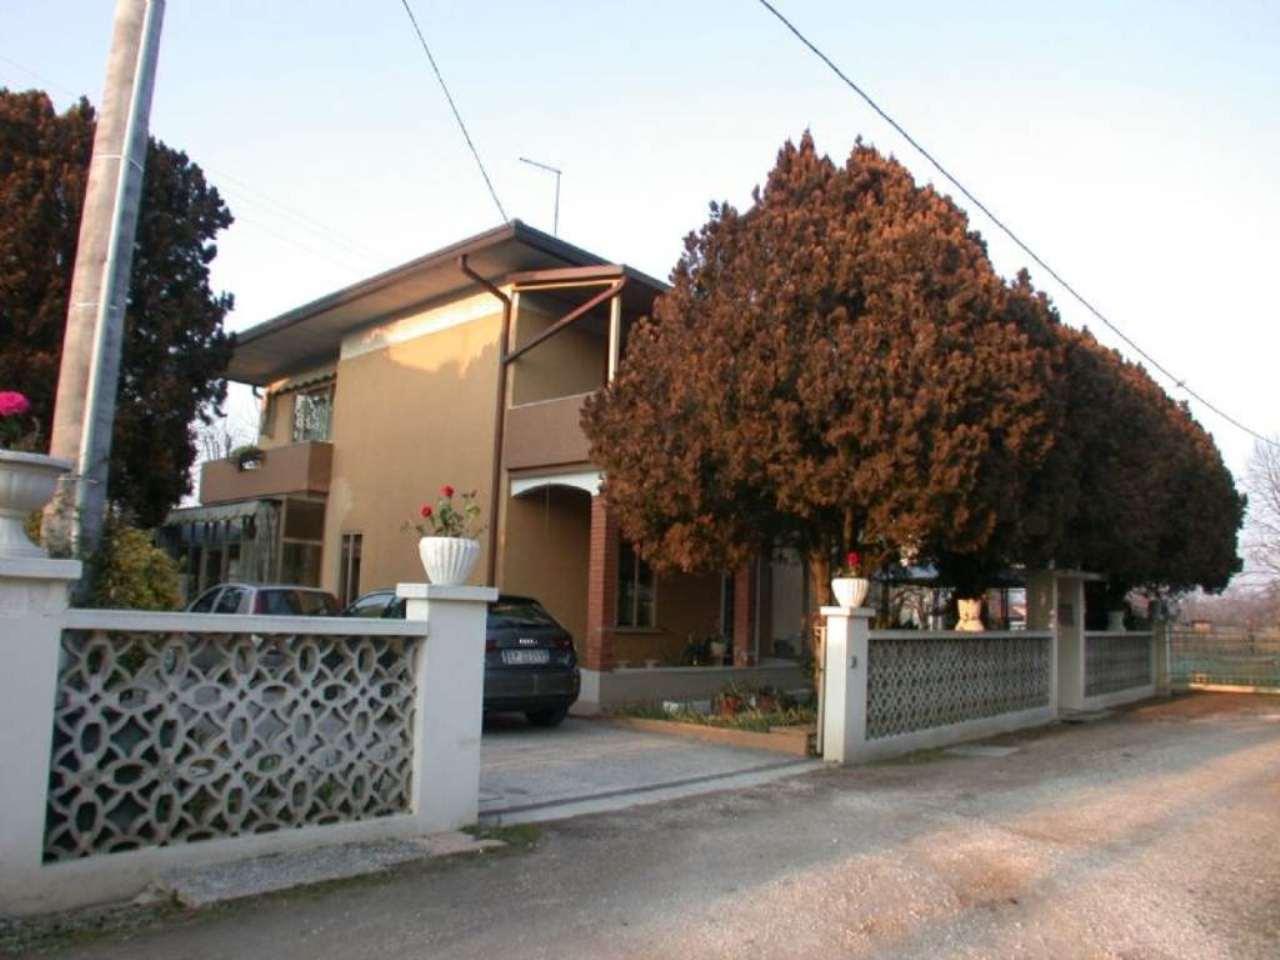 Soluzione Indipendente in vendita a Paese, 7 locali, prezzo € 210.000 | Cambio Casa.it